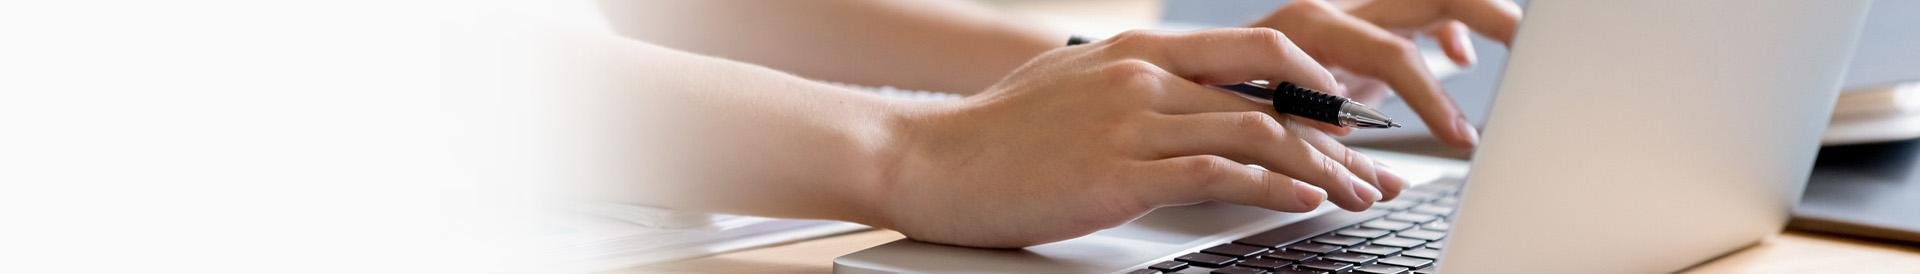 Osoba korzystająca z laptopa z długopisem w ręku